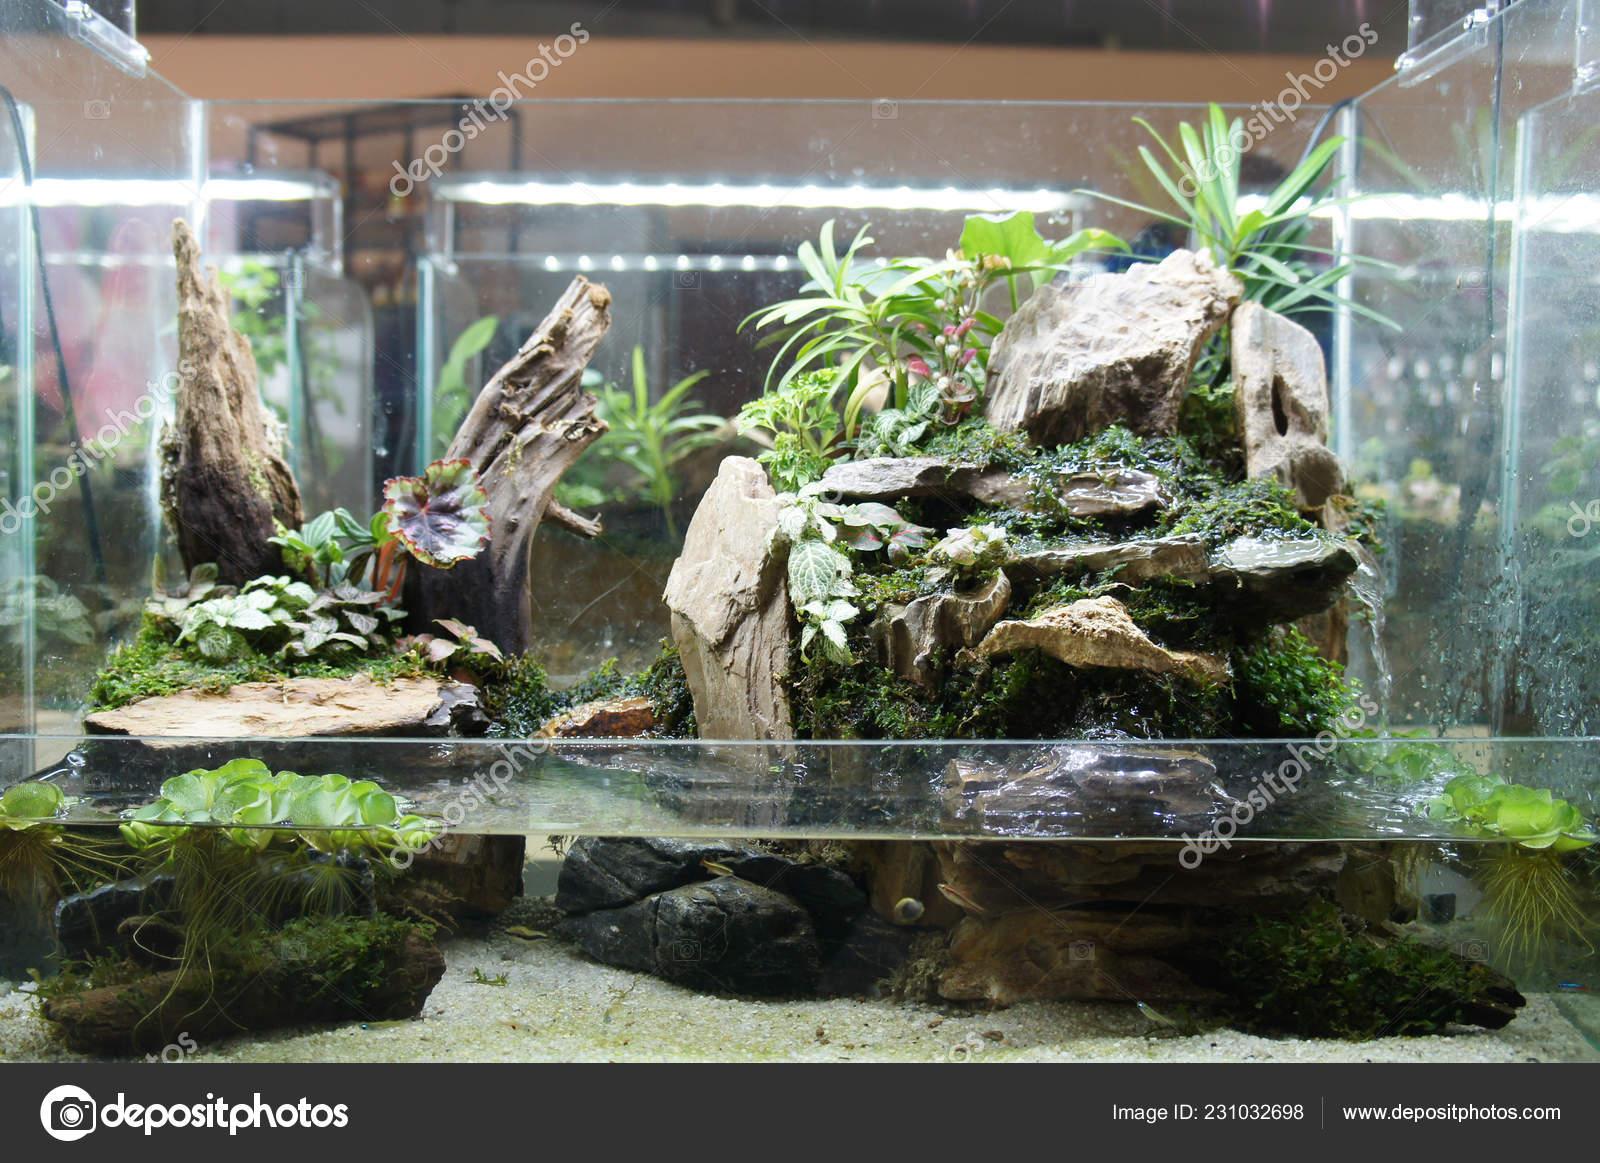 Aquascape Terrarium Design Small Glass Aquarium Displayed Public Stock Photo Image By C Aisyaqilumar 231032698